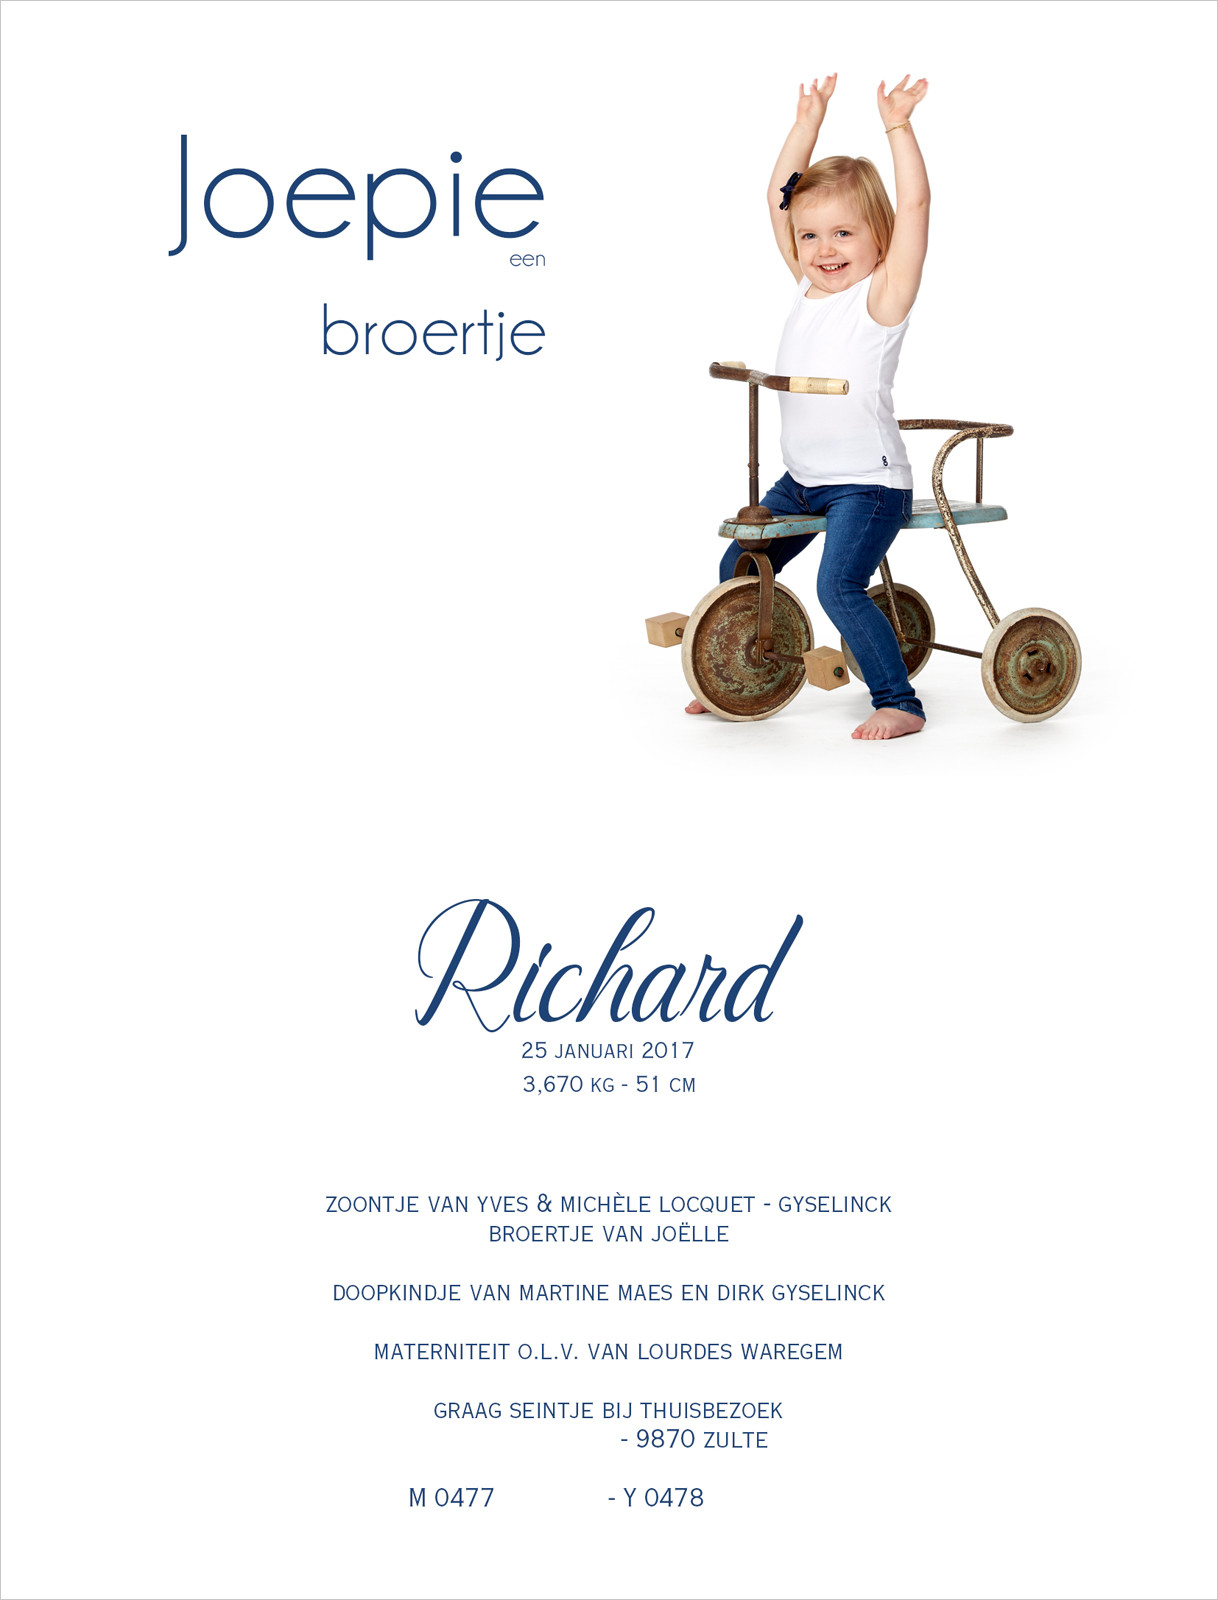 Geboortekaartje met foto van Richard